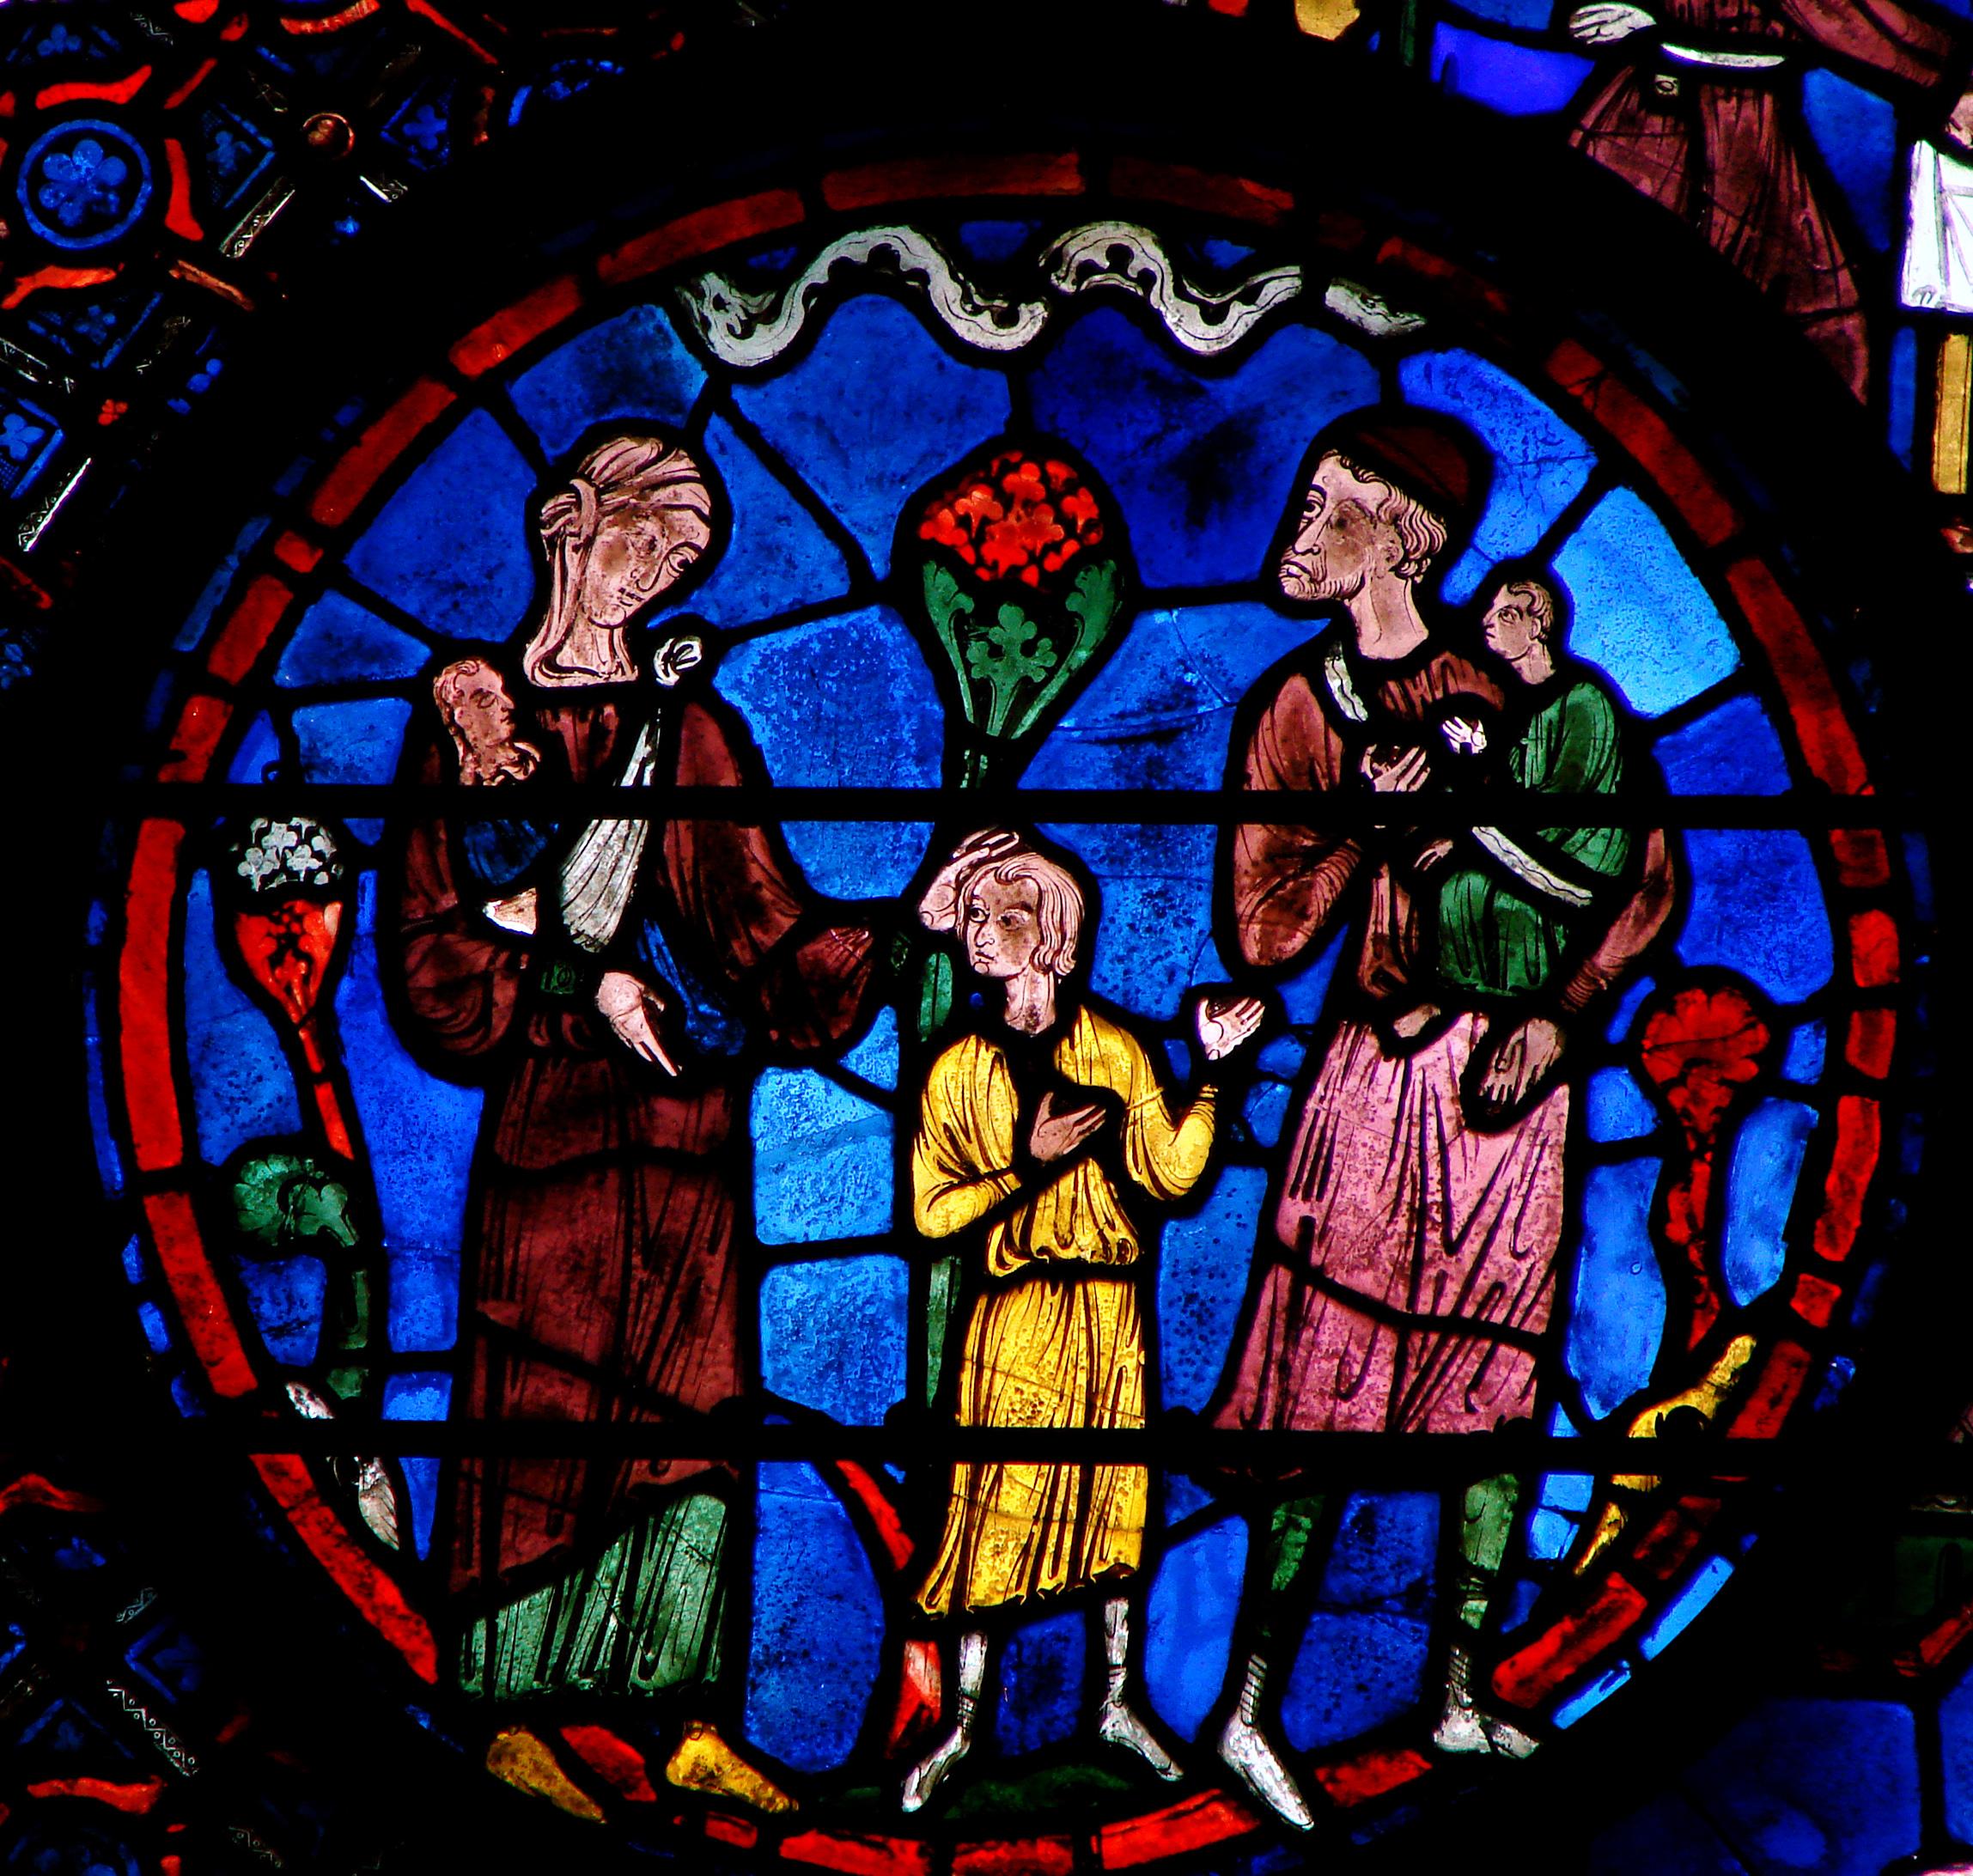 Egliose Glass